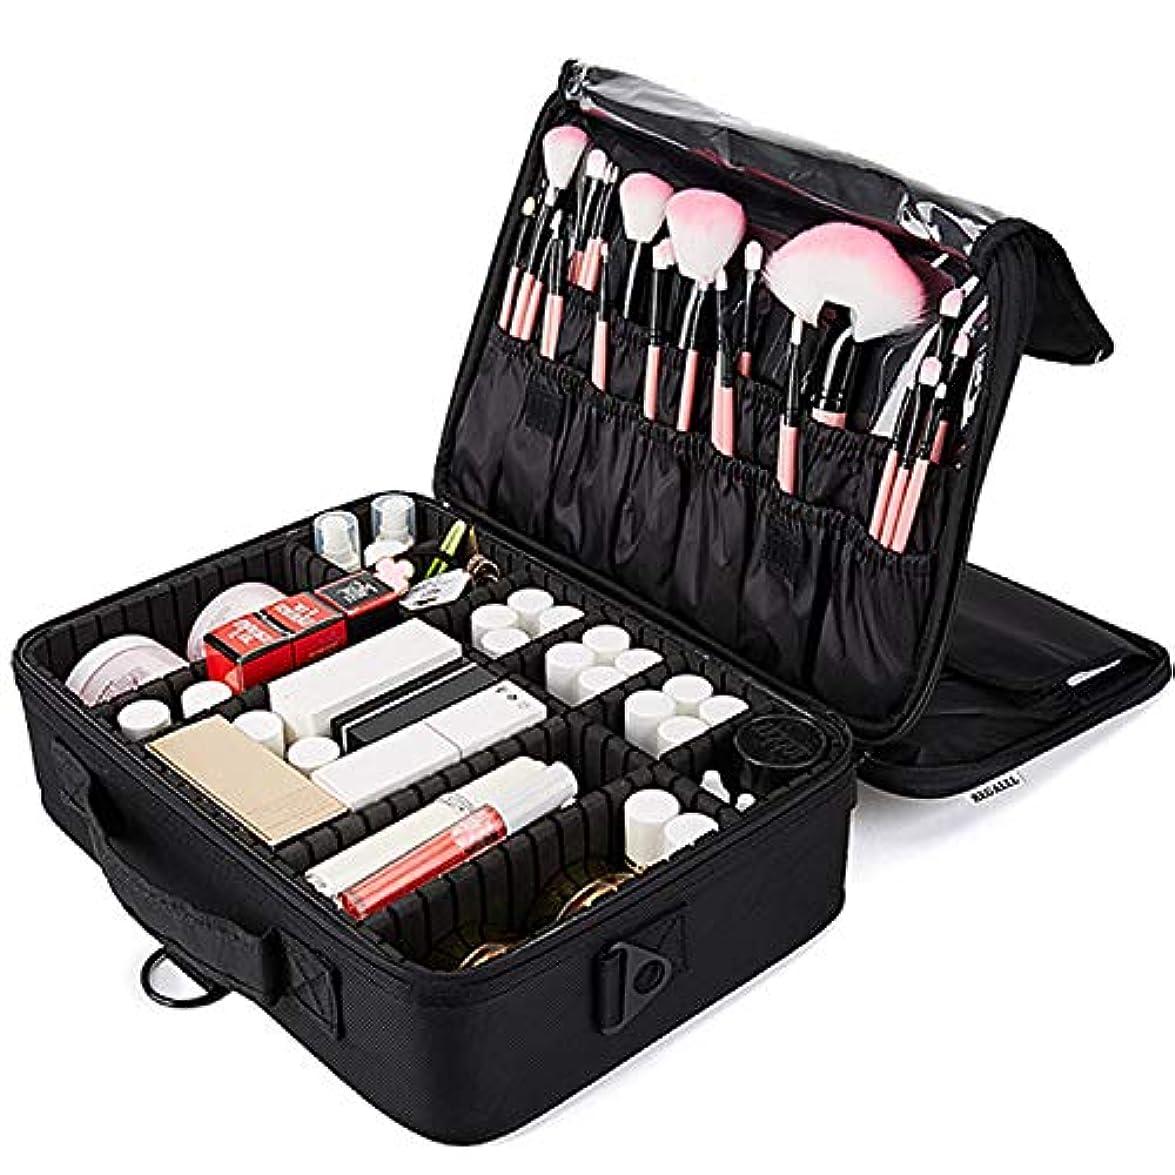 十分です古風な過度のREGALLL メイクボックス 大容量 コスメボックス プロ用 持ち運び便利 高品質3層化粧箱 收納抜群コスメ収納 多機能 旅行用 ブラック